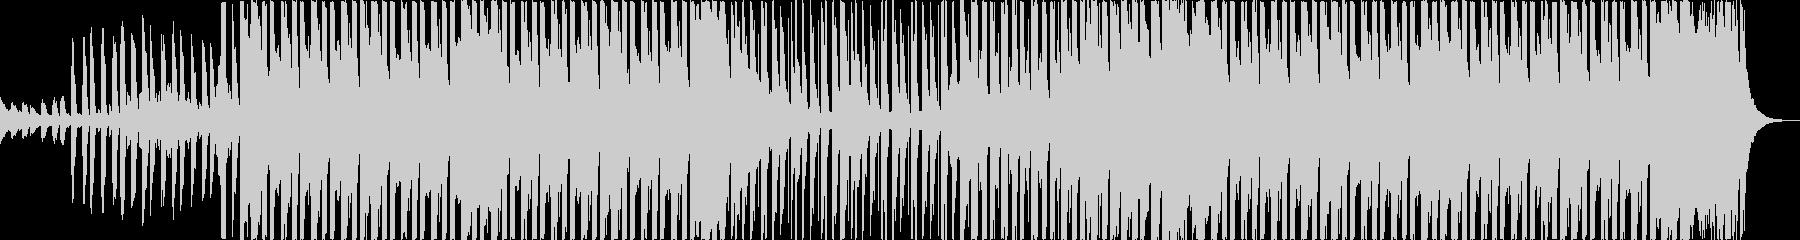 おしゃれ洋楽トラップヒップホップレゲエbの未再生の波形